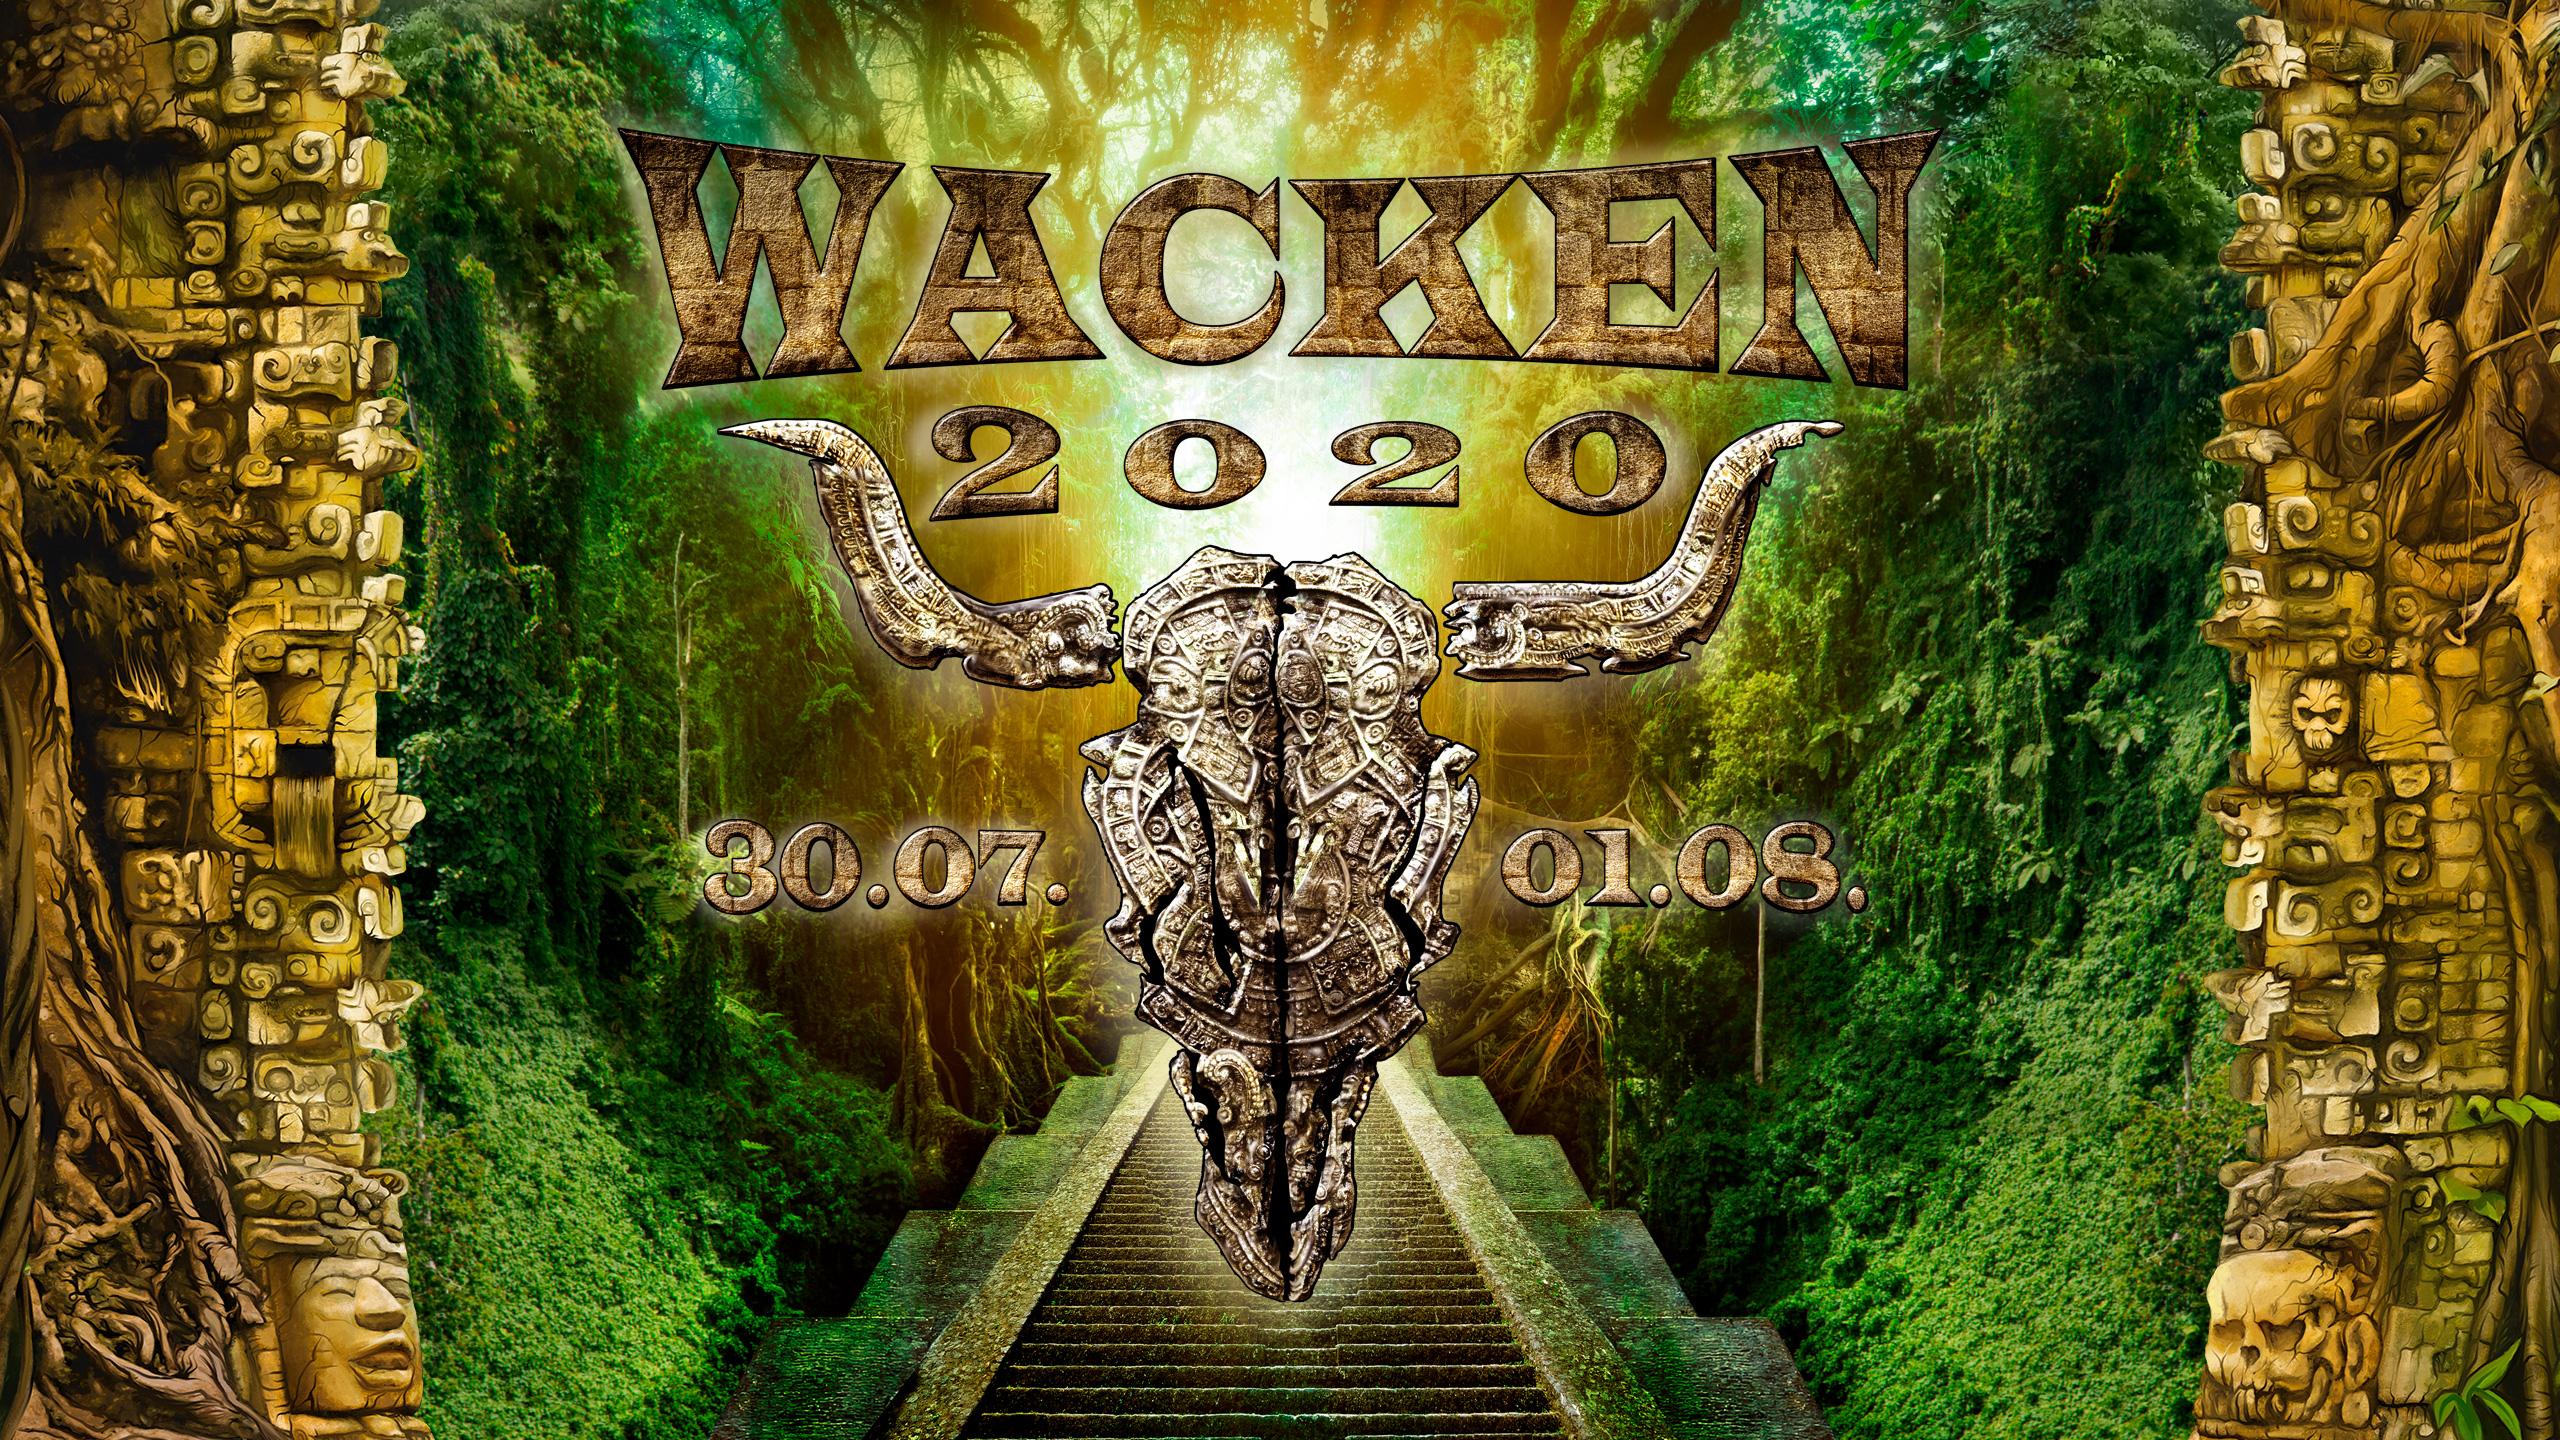 Wallpaper WOA   Wacken Open Air 2560x1440